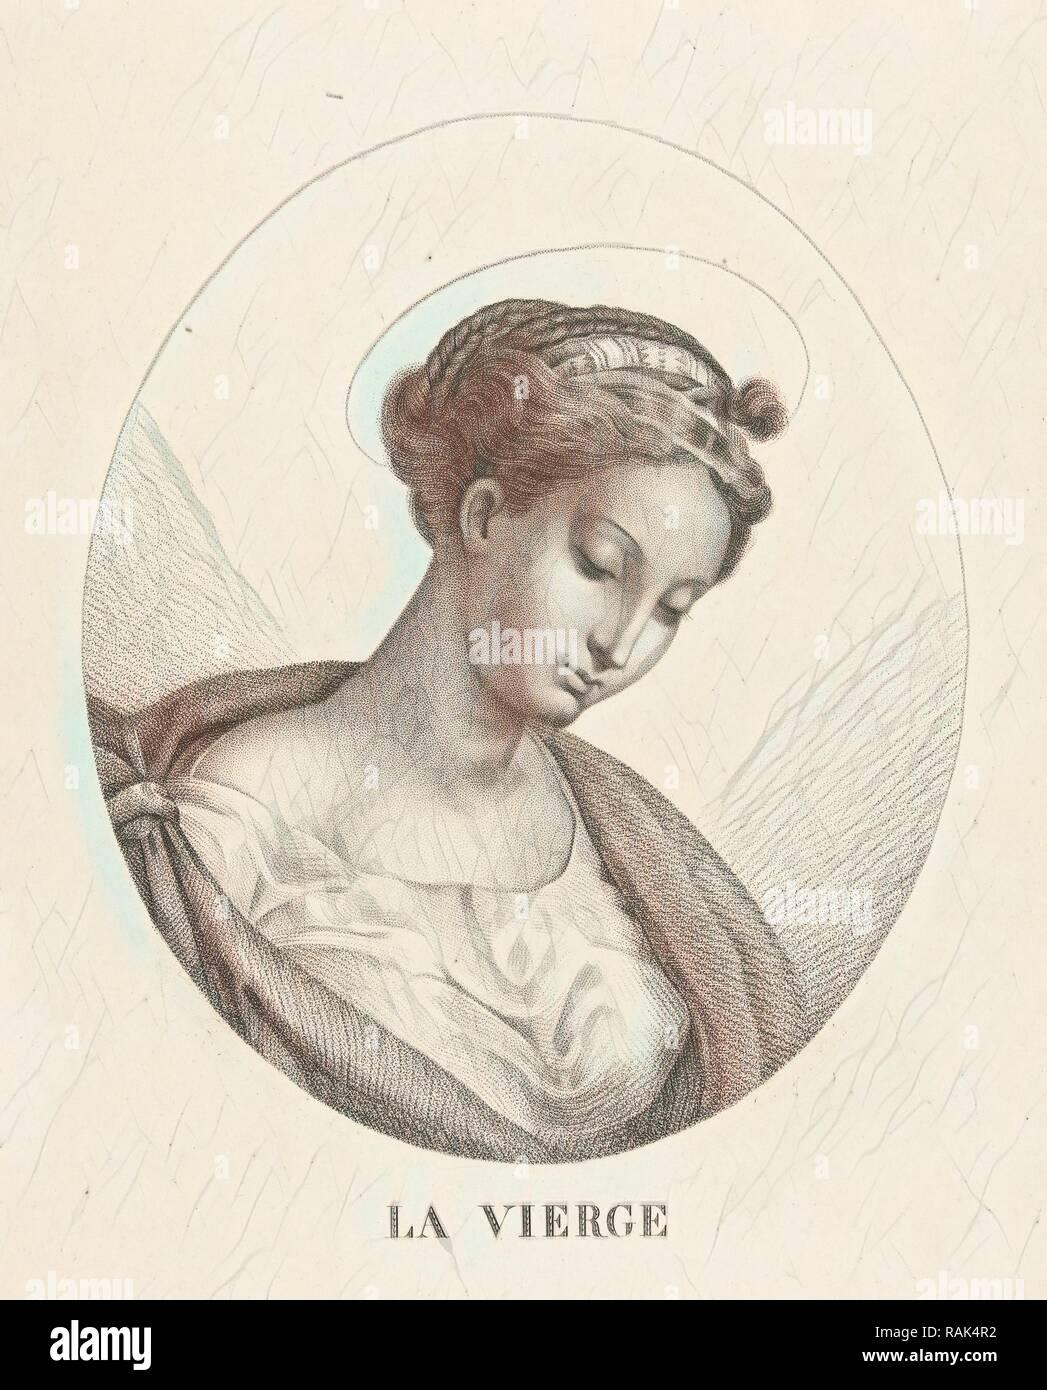 Busto di Maria in ovale, François Deleu, 1800 - 1899. Reinventato da Gibon. Arte Classica con un tocco di moderno reinventato Immagini Stock